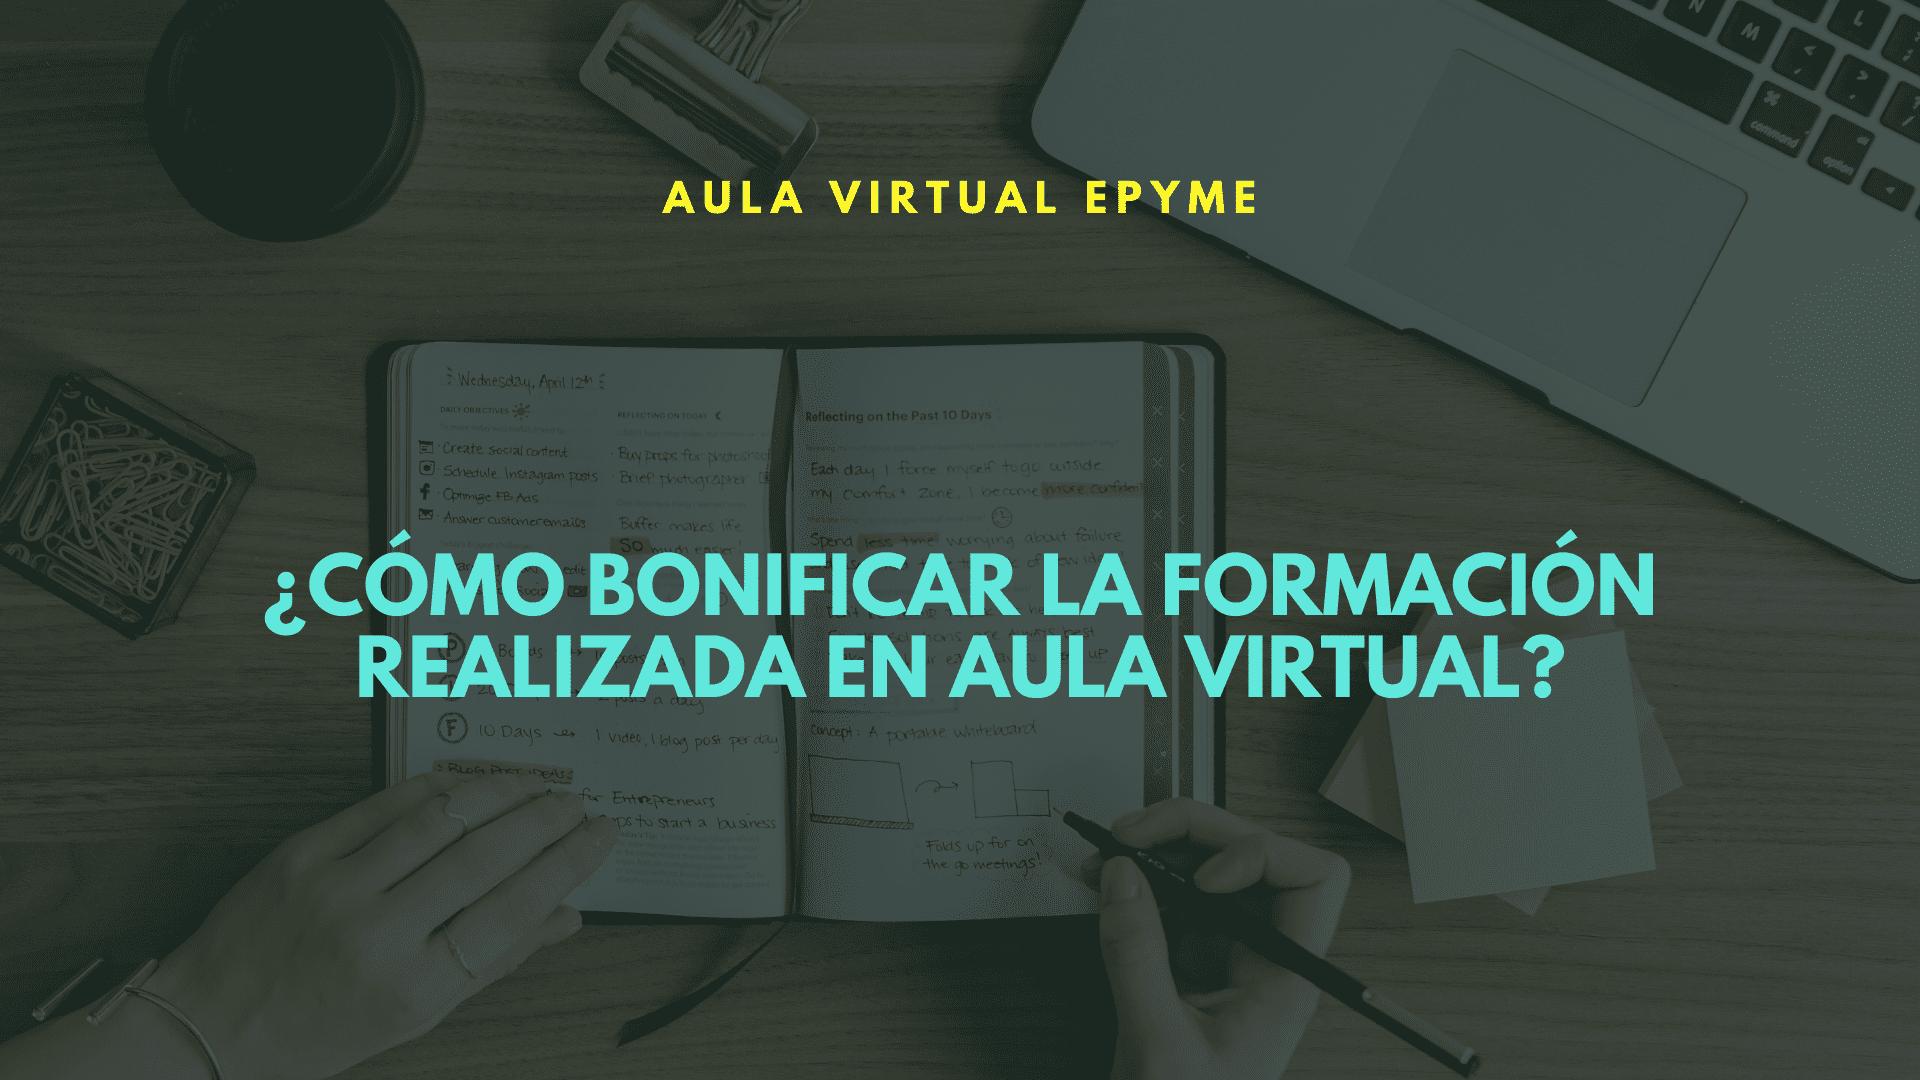 ¿Tu empresa va a realizar formación bonificada por Aula Virtual?